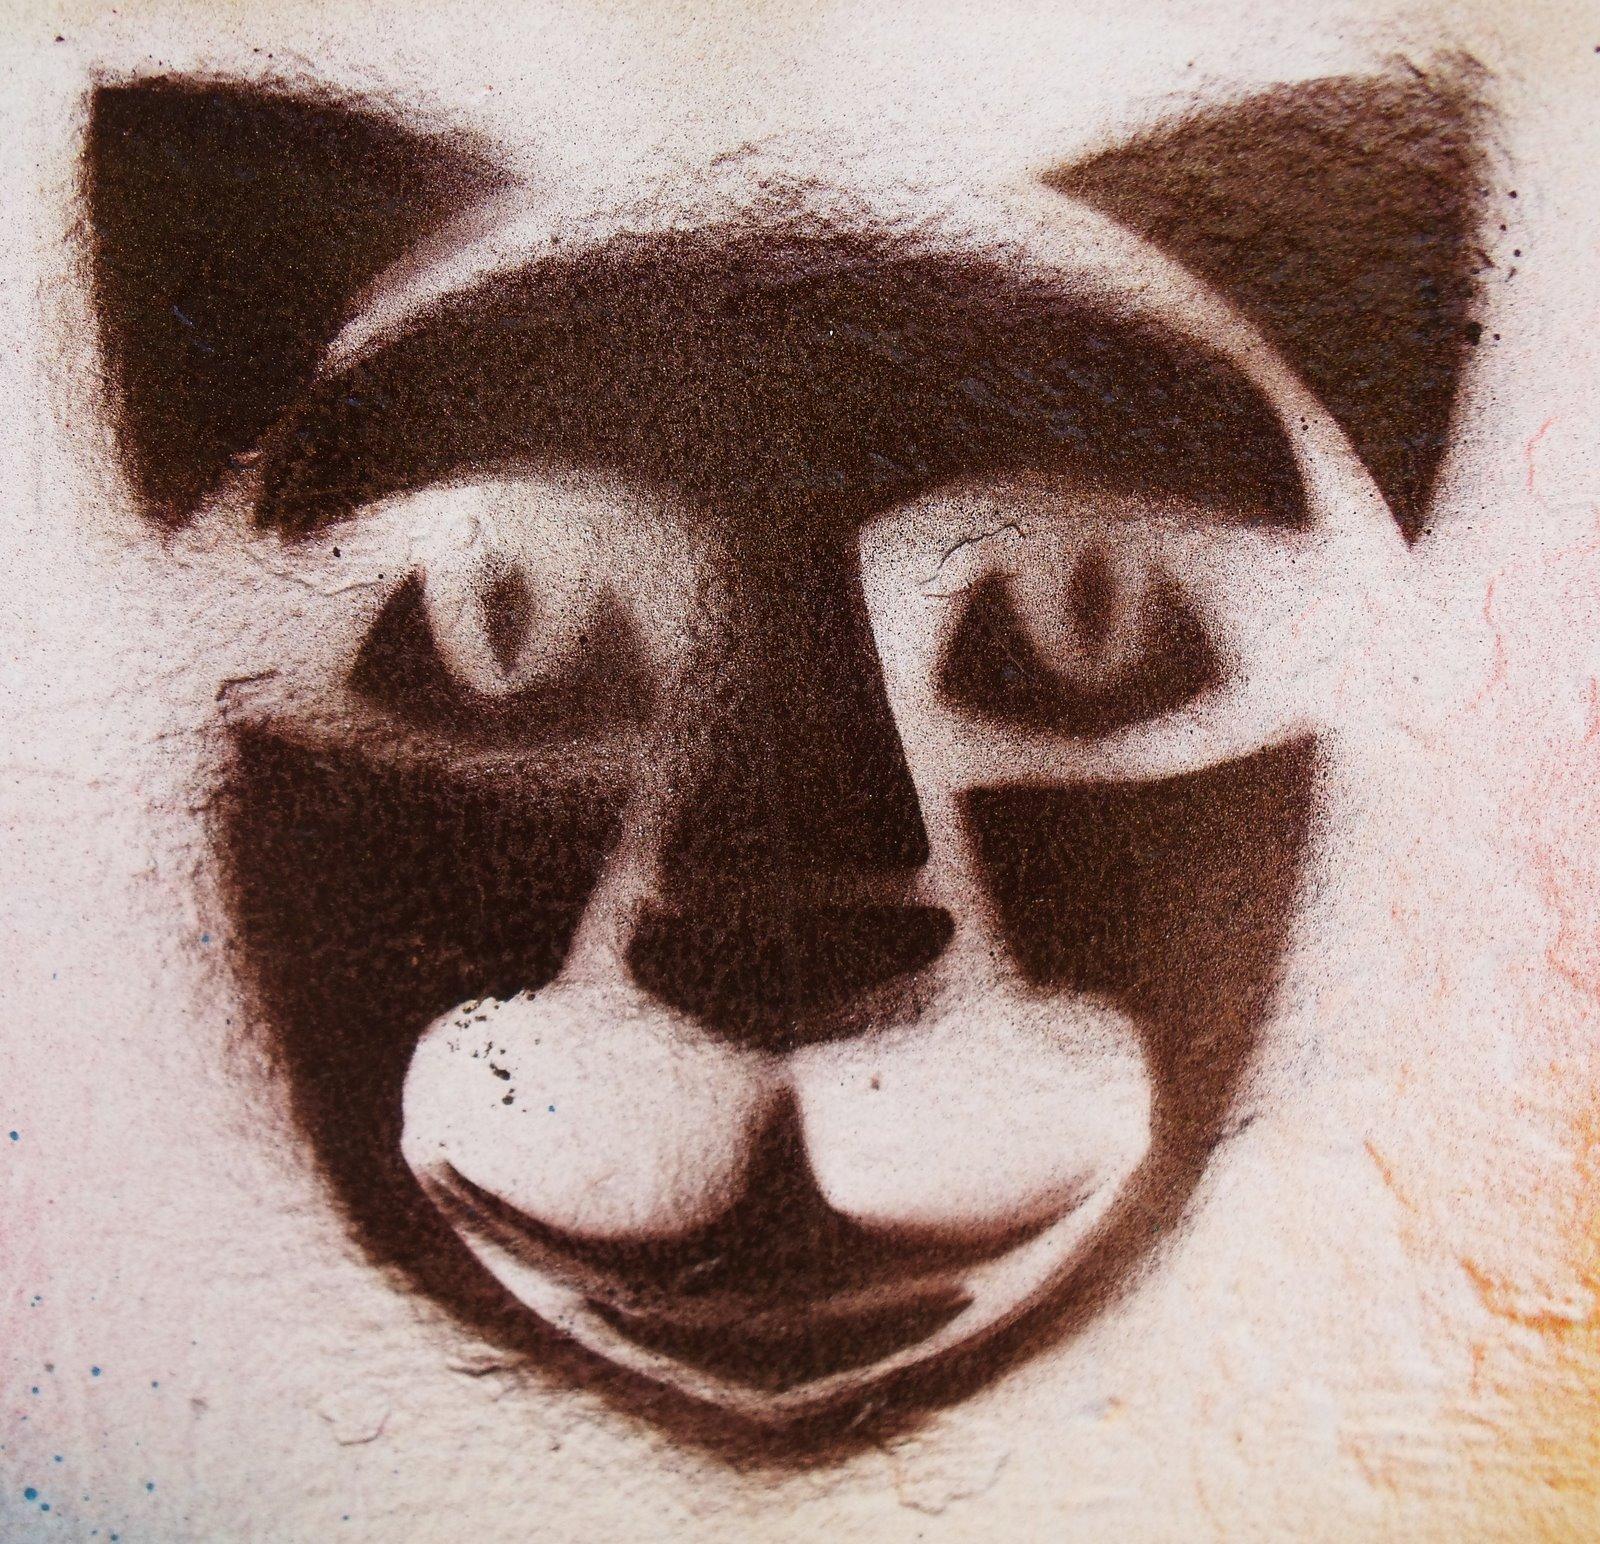 Conhecido KIRIGAMI POR ÂNGELO: Pintura Grafite com máscaras de Kirigami  DC78